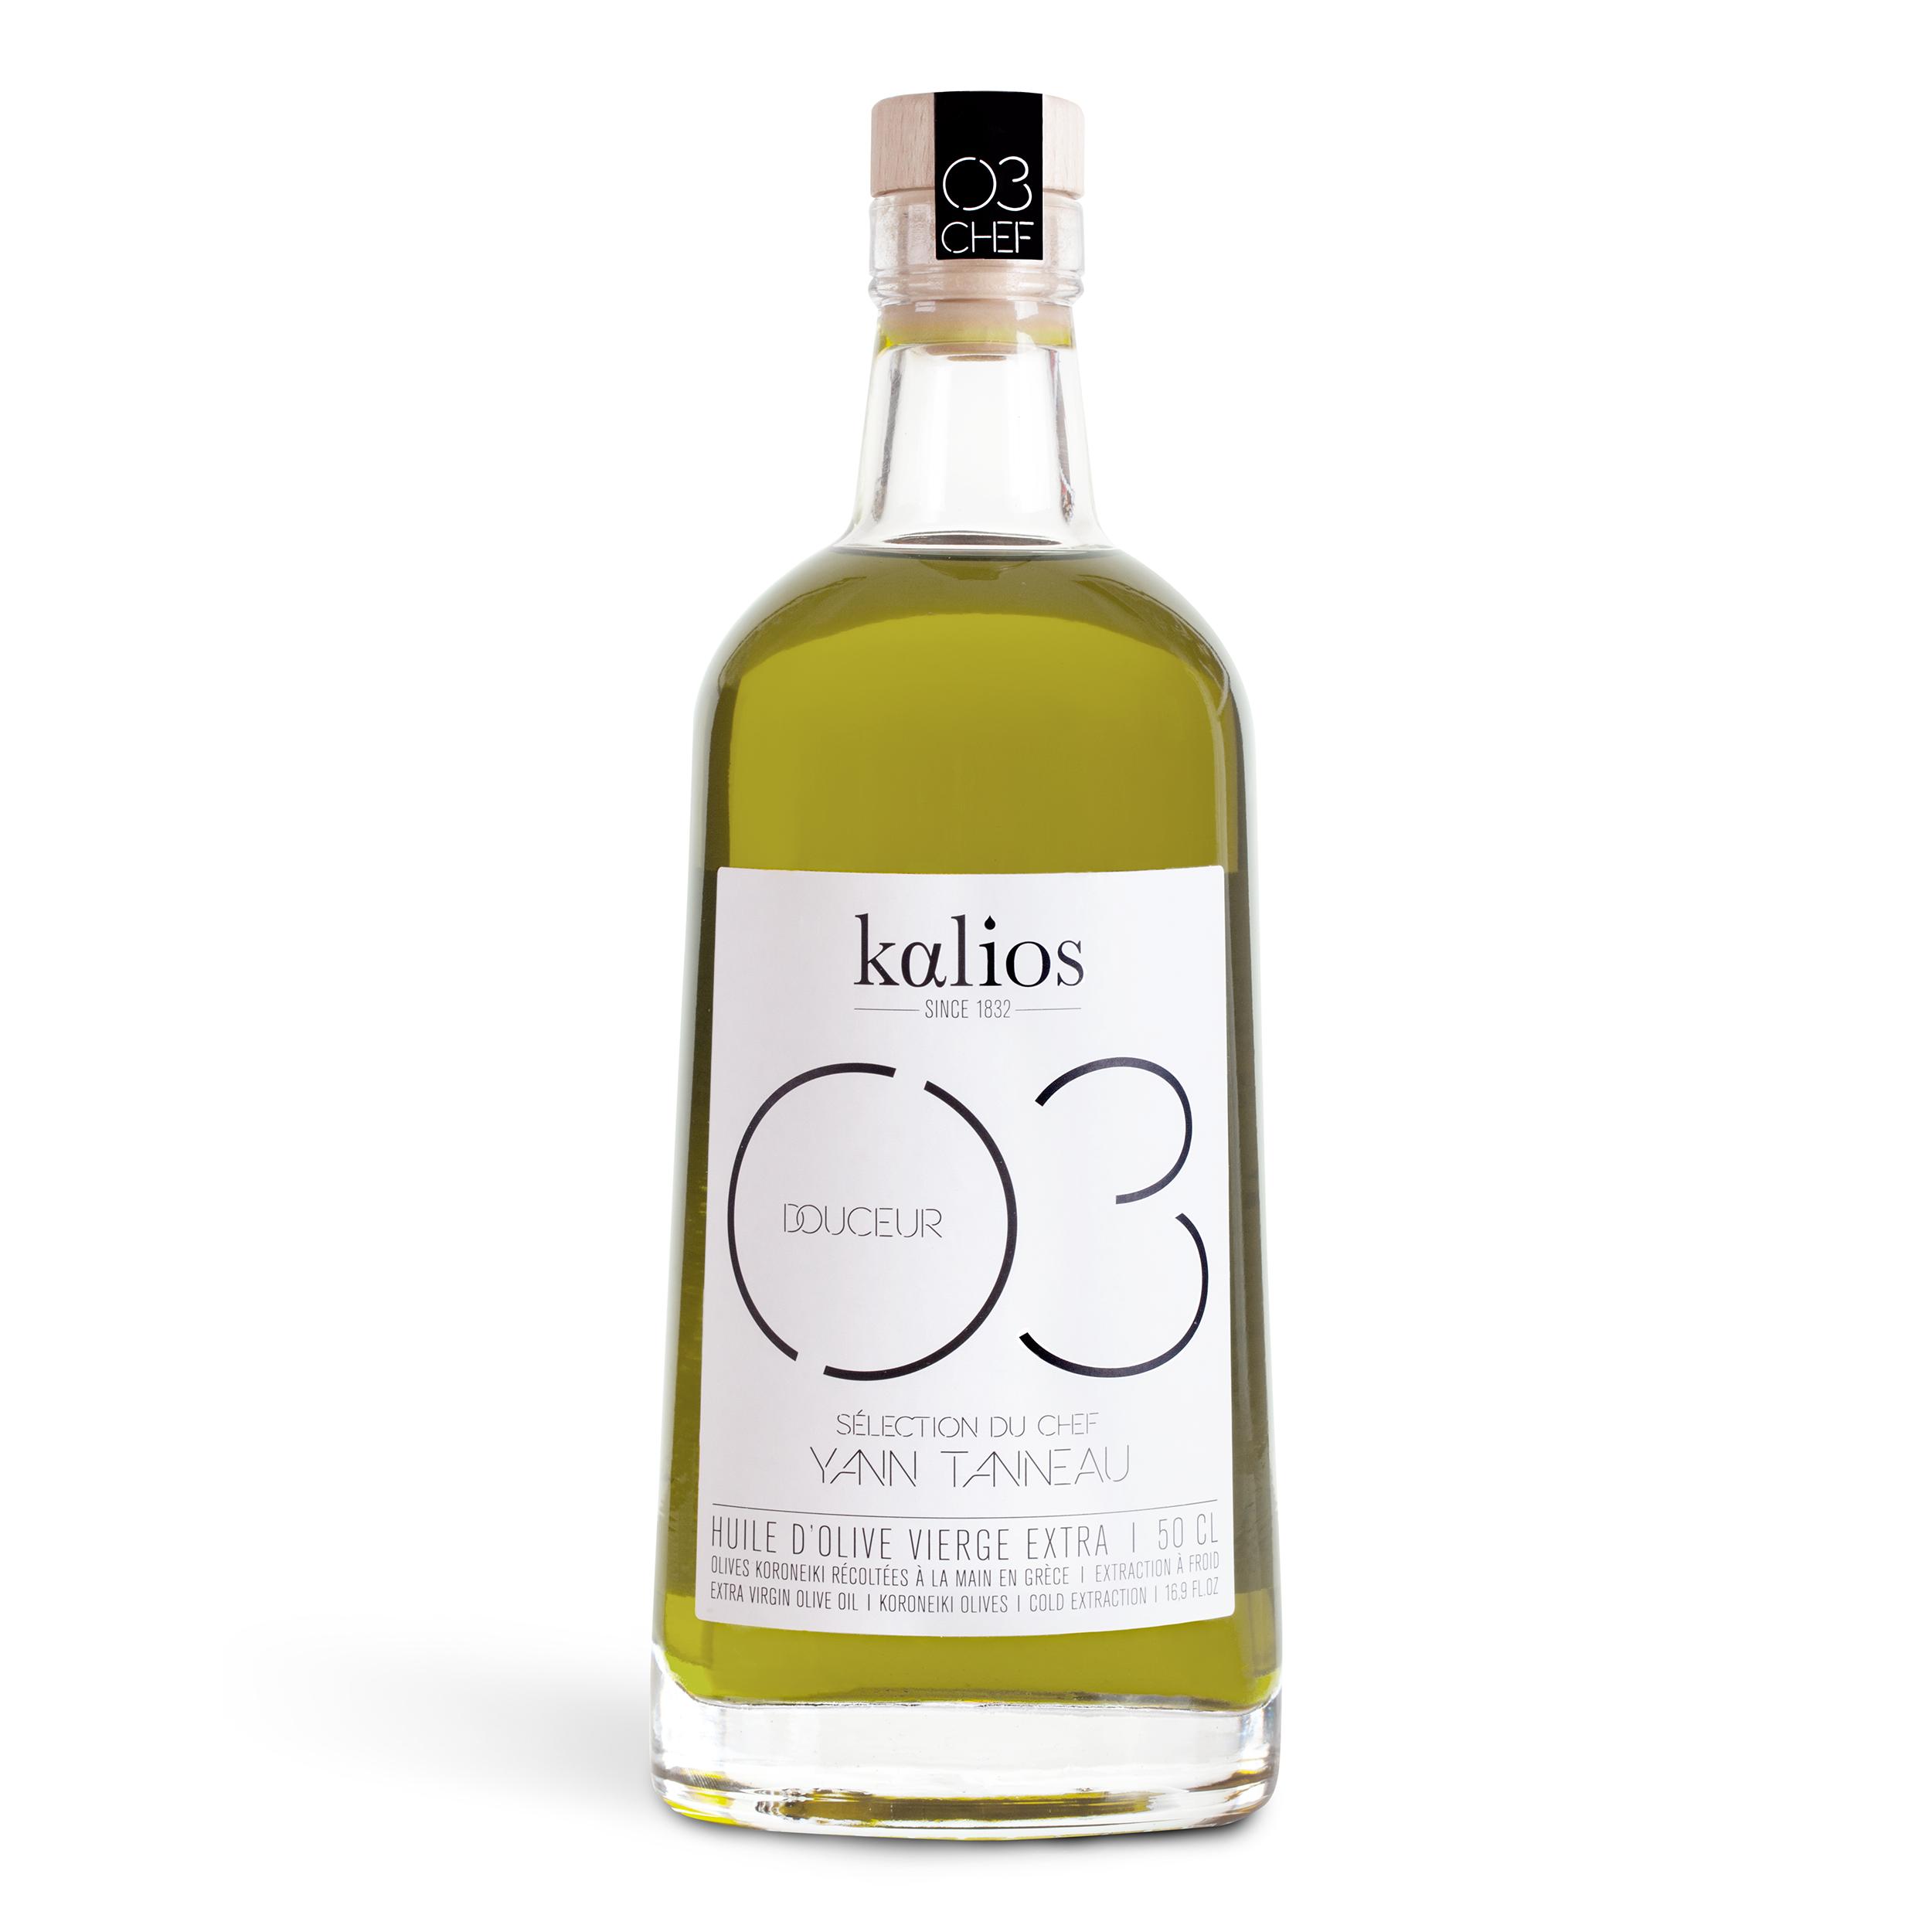 Huile d'olive 03 Douceur Chef  Yann Tanneau, Kalios (500 ml)